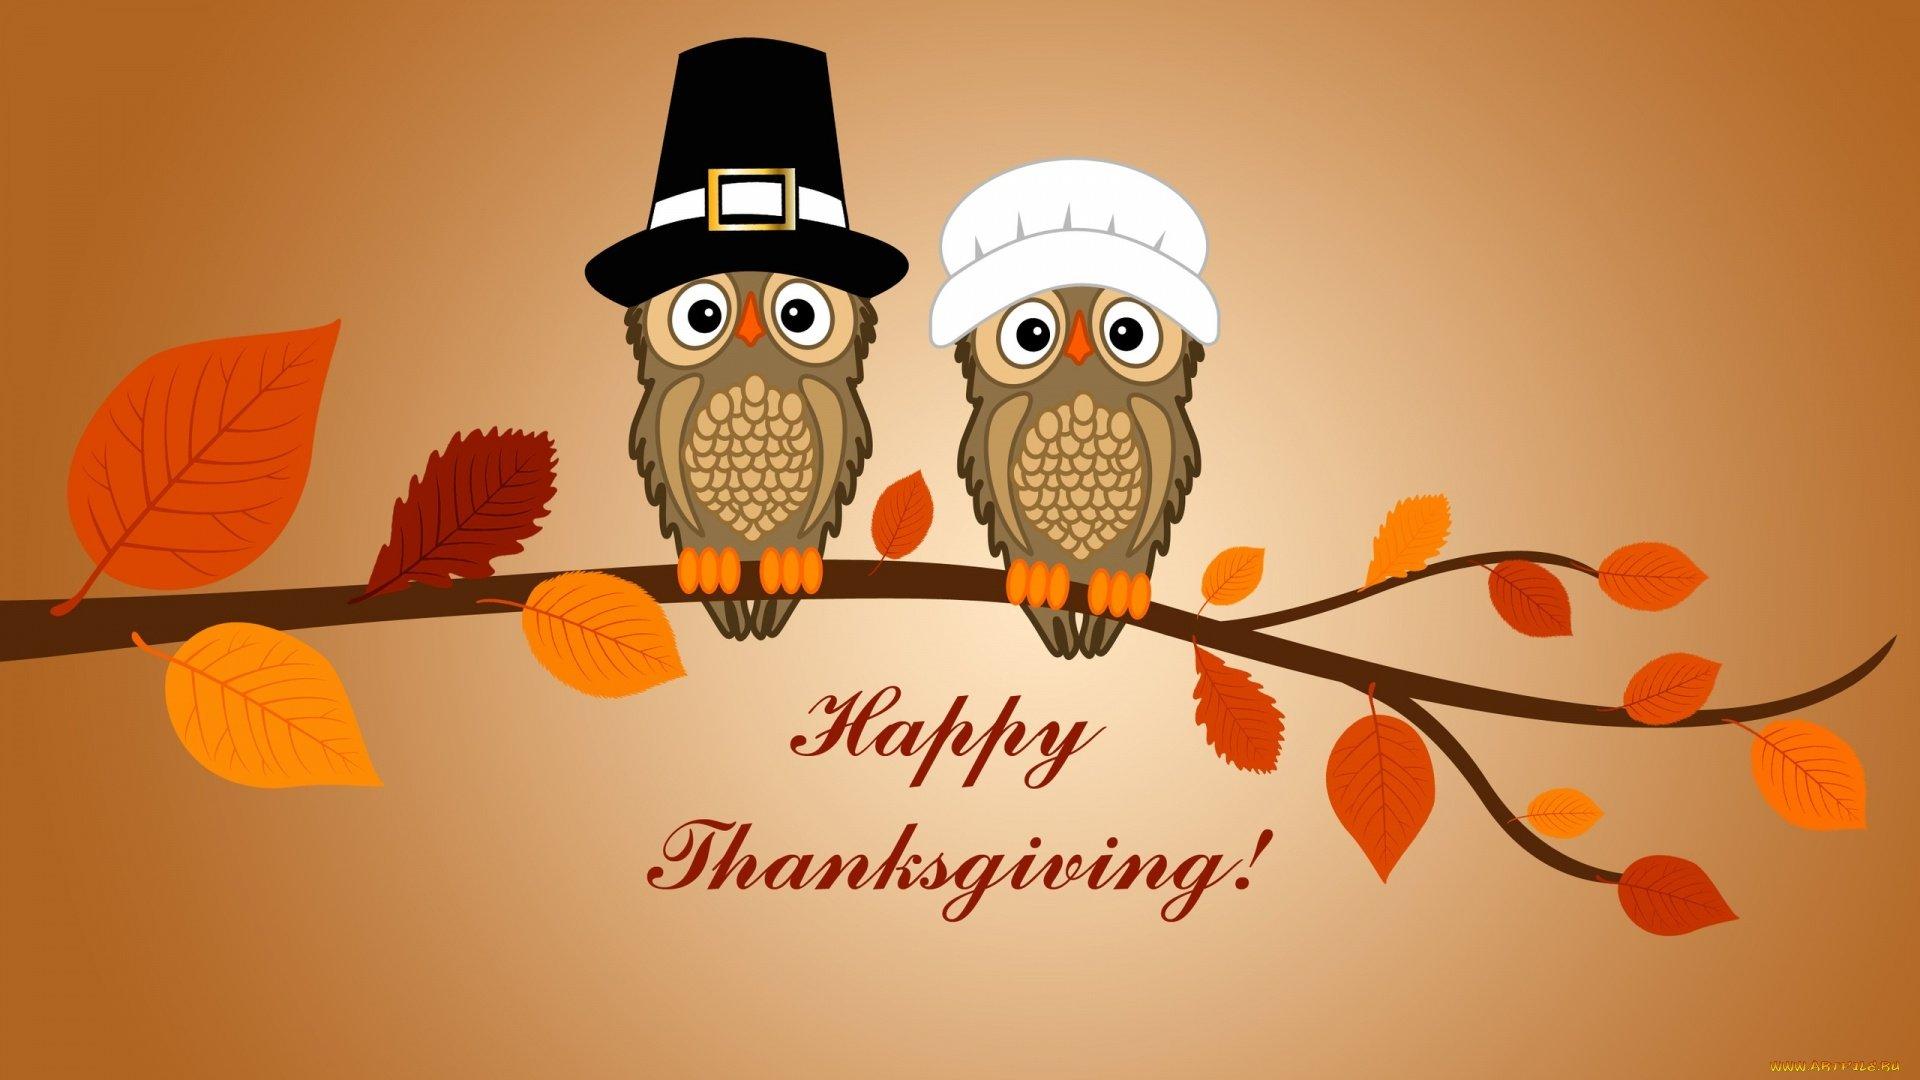 Thanksgiving Wallpaper Full HD